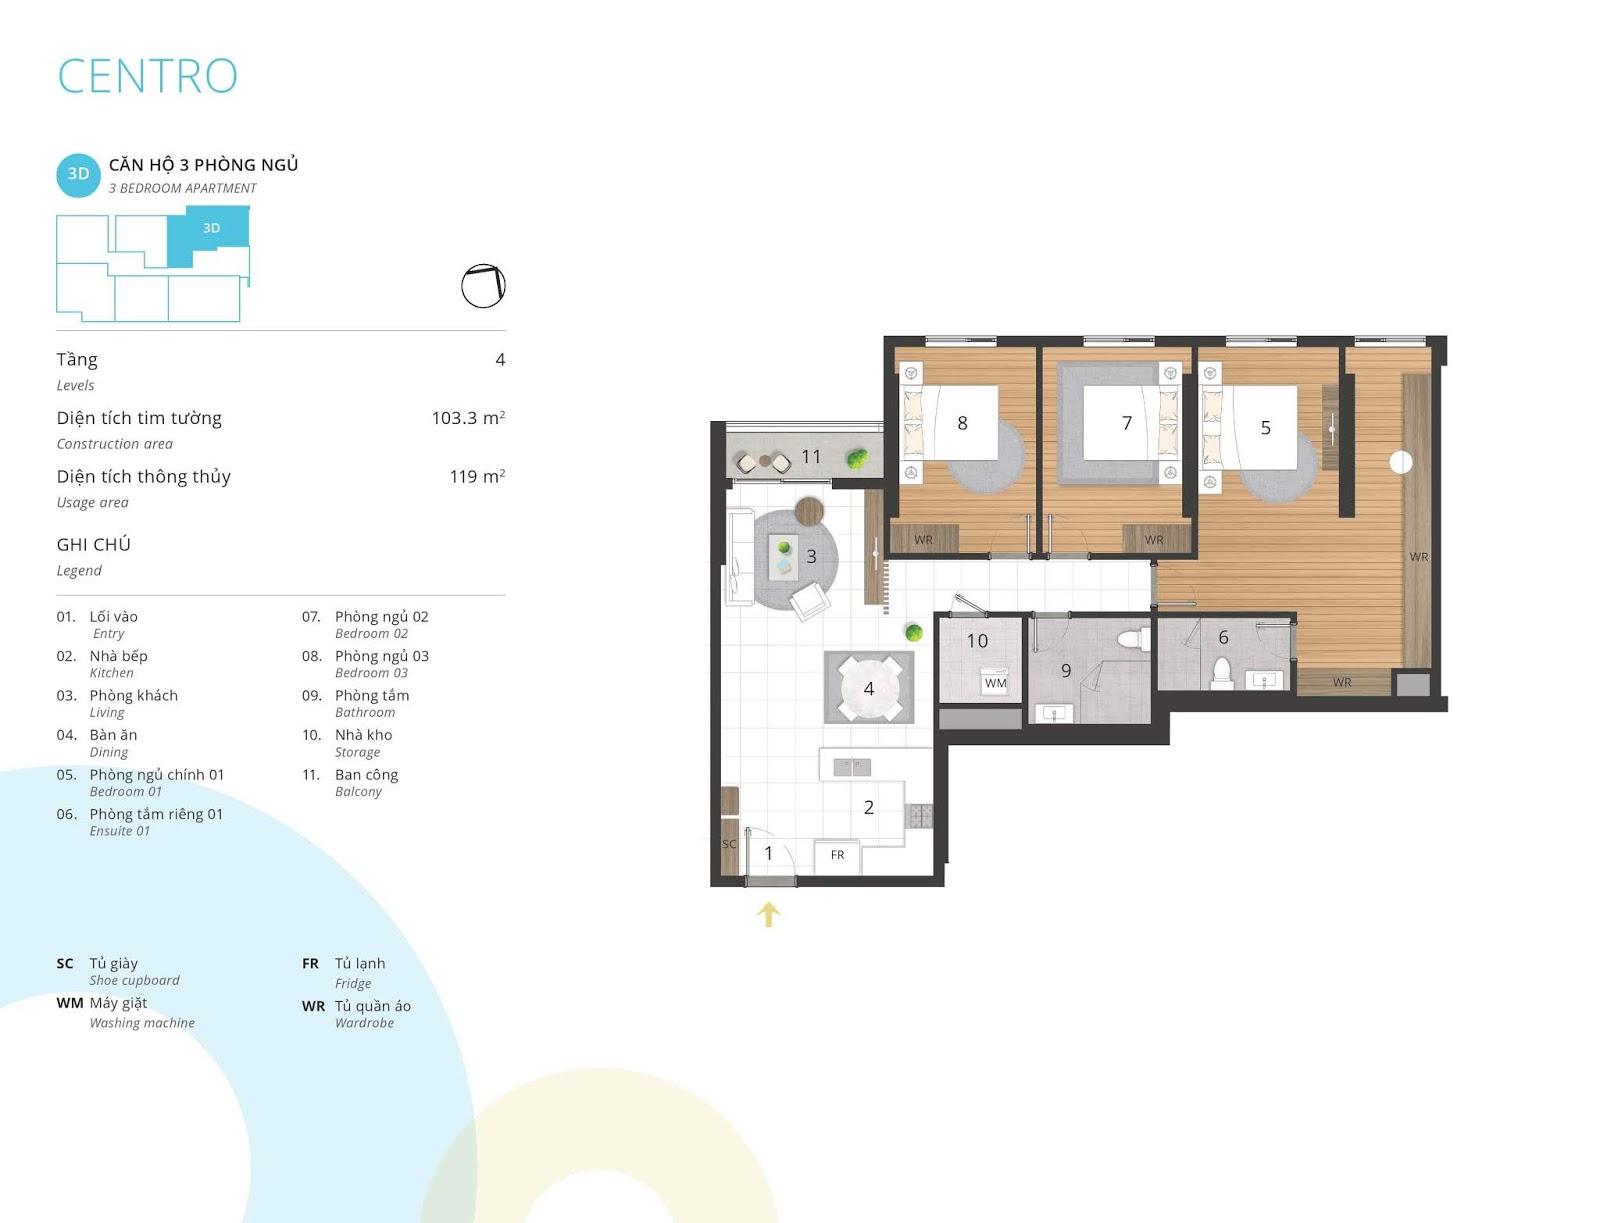 Mặt bằng căn hộ 3 phòng ngủ 119 m2 thông thủy tòa CENTRO